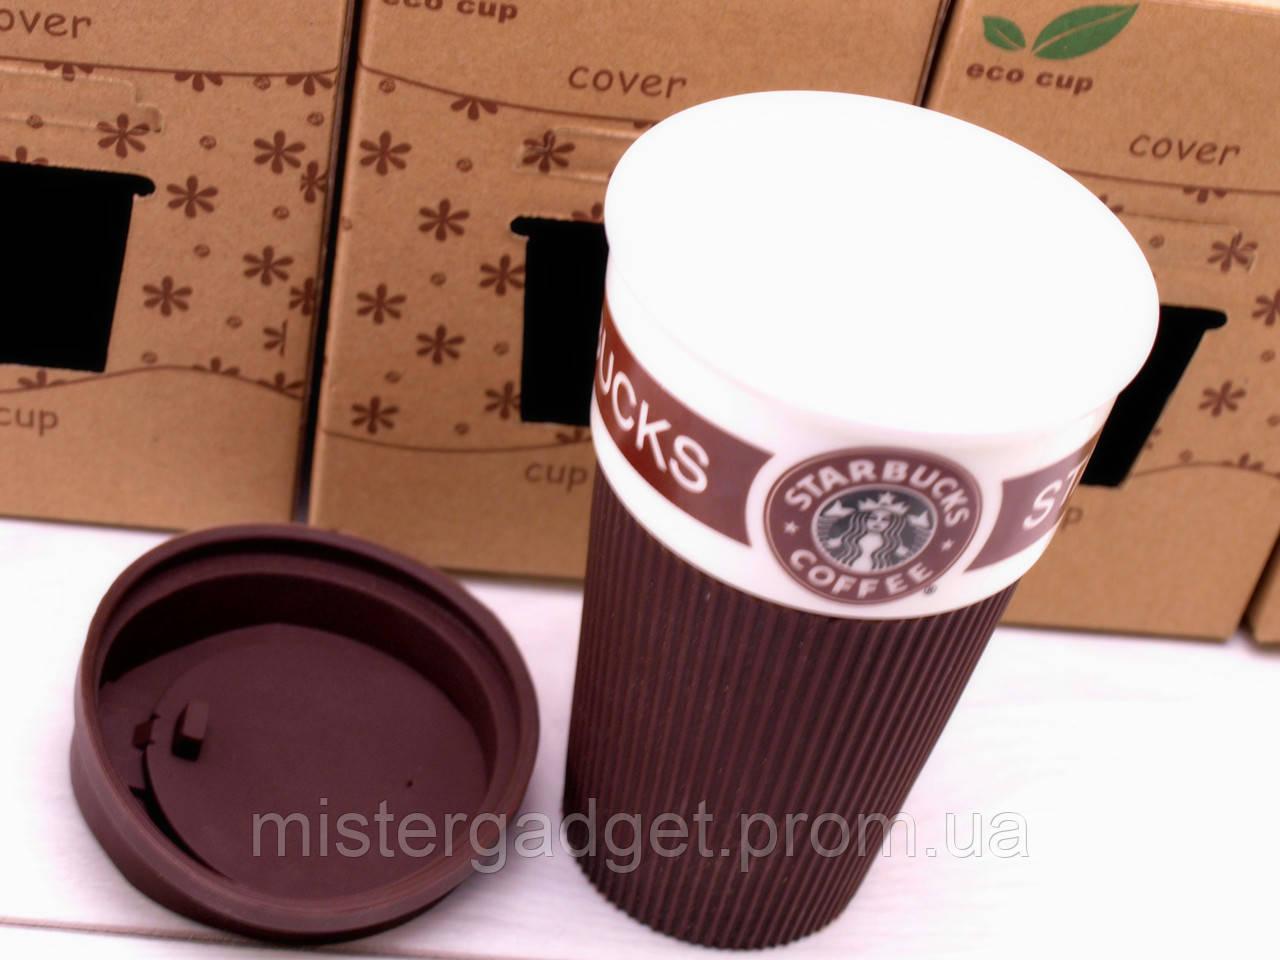 Термо кружка Starbucks коричневая чашка Старбакс Керамическая